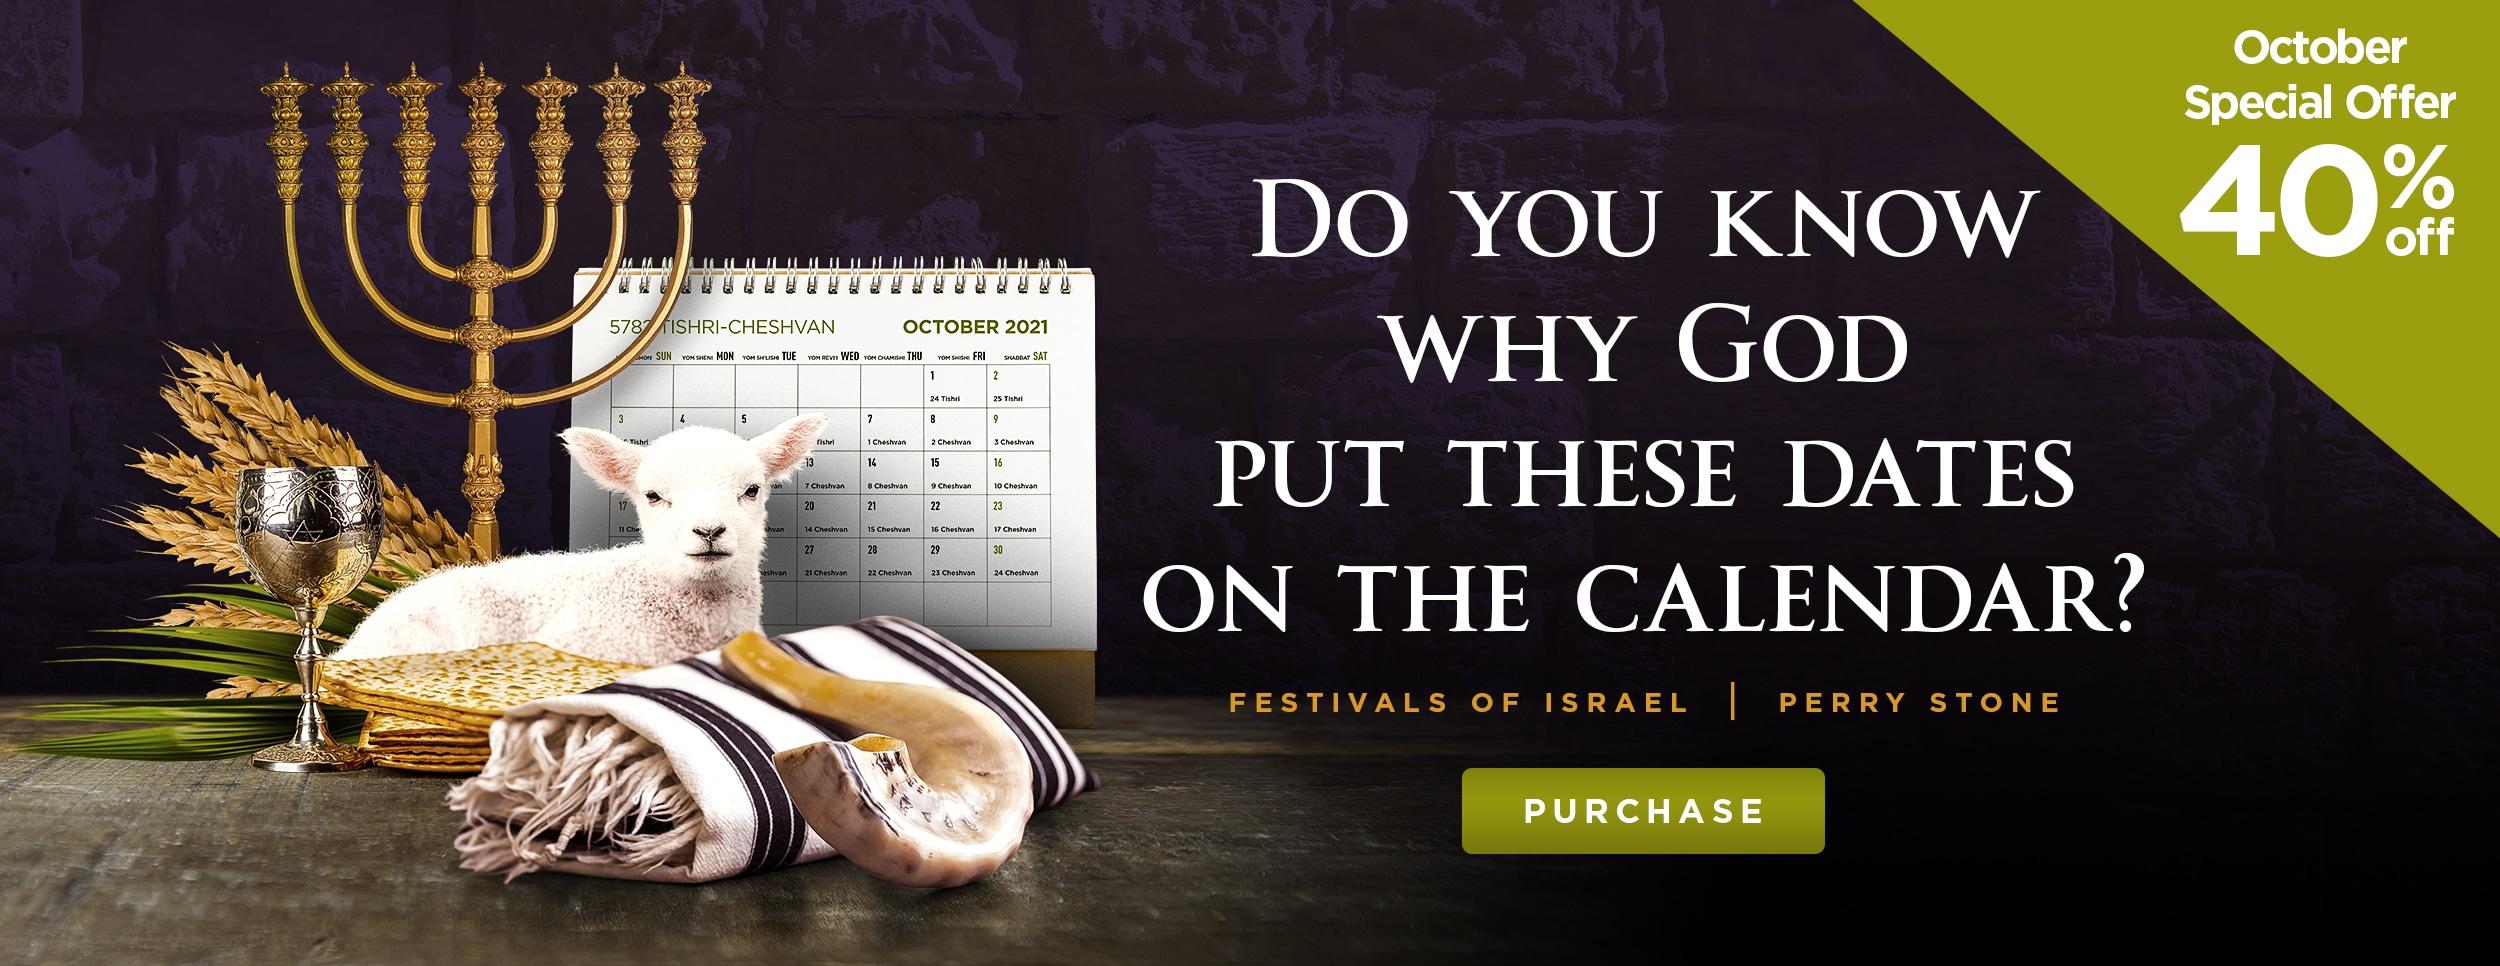 Festivals-of-Israel—October-Special-Offer—Website-Banner